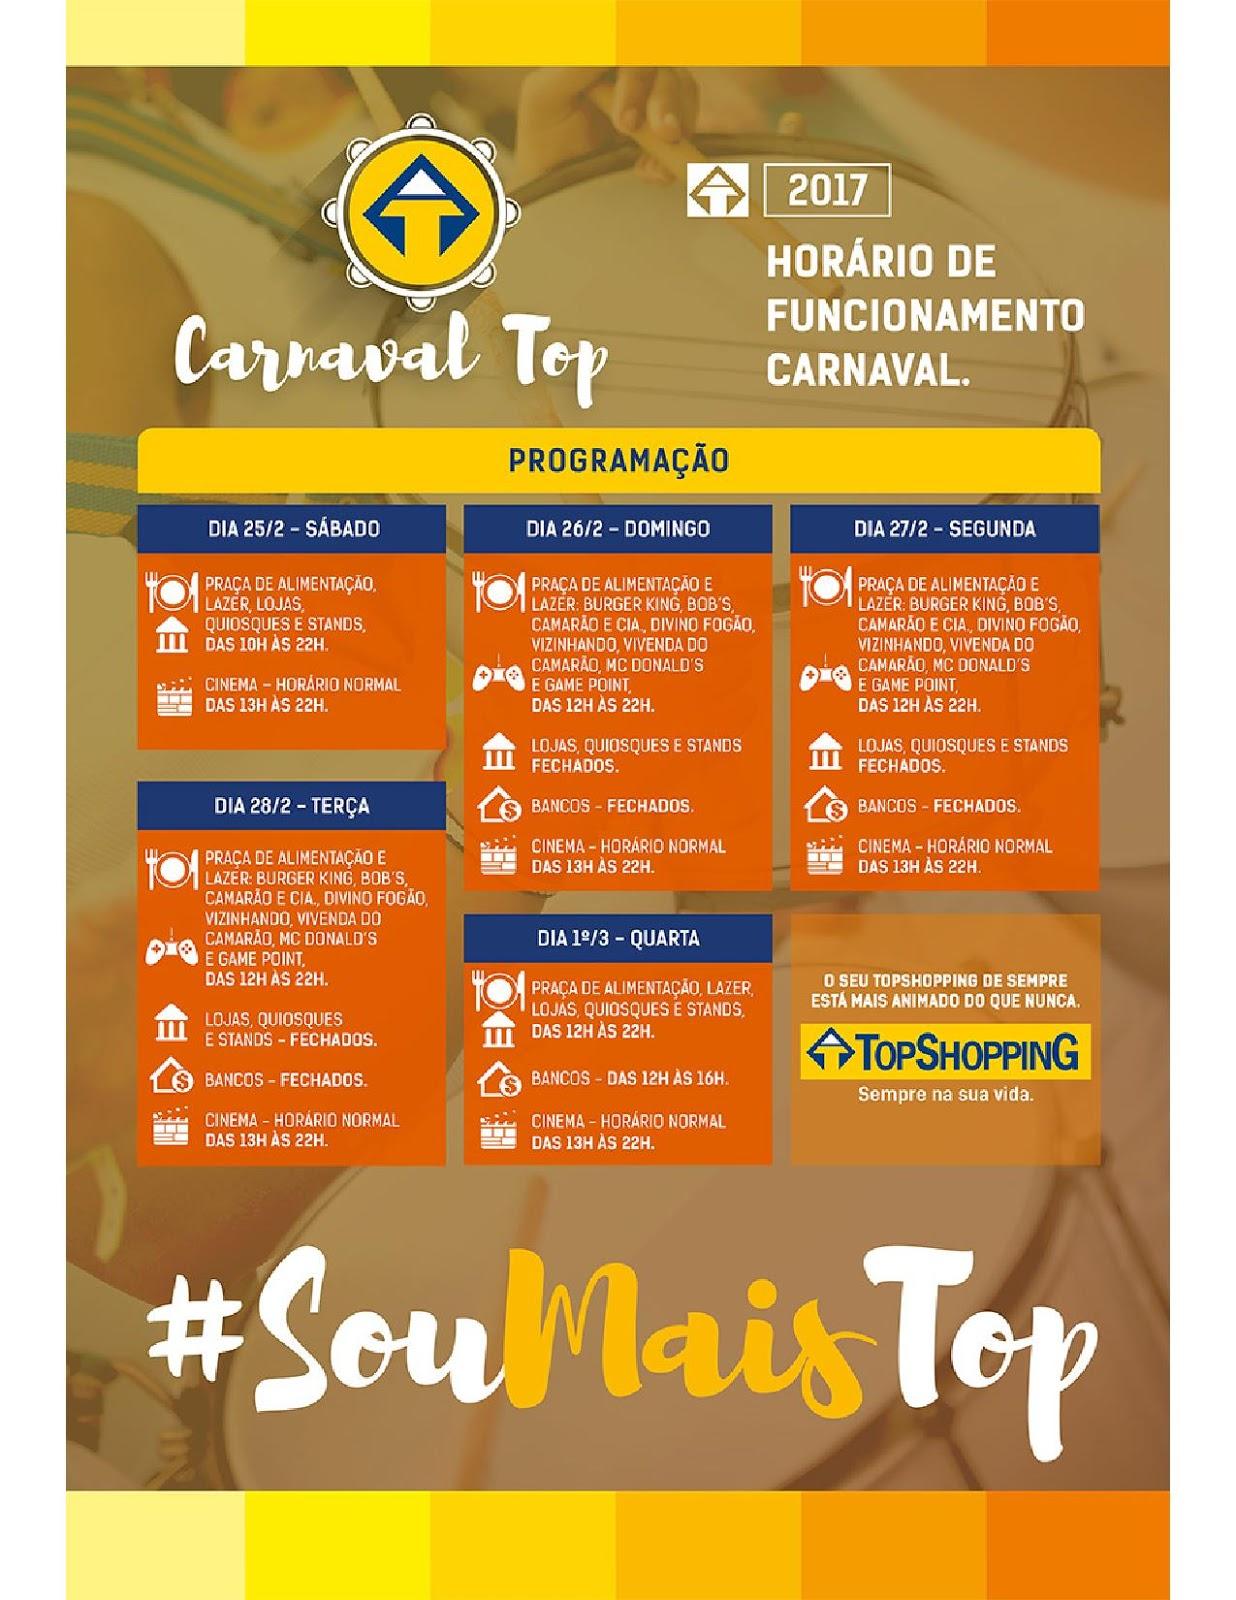 e7aaf4b00 NOVA IGUAÇU - O TopShopping funcionará em horário especial no Carnaval  2017. No dia 25 (sábado)